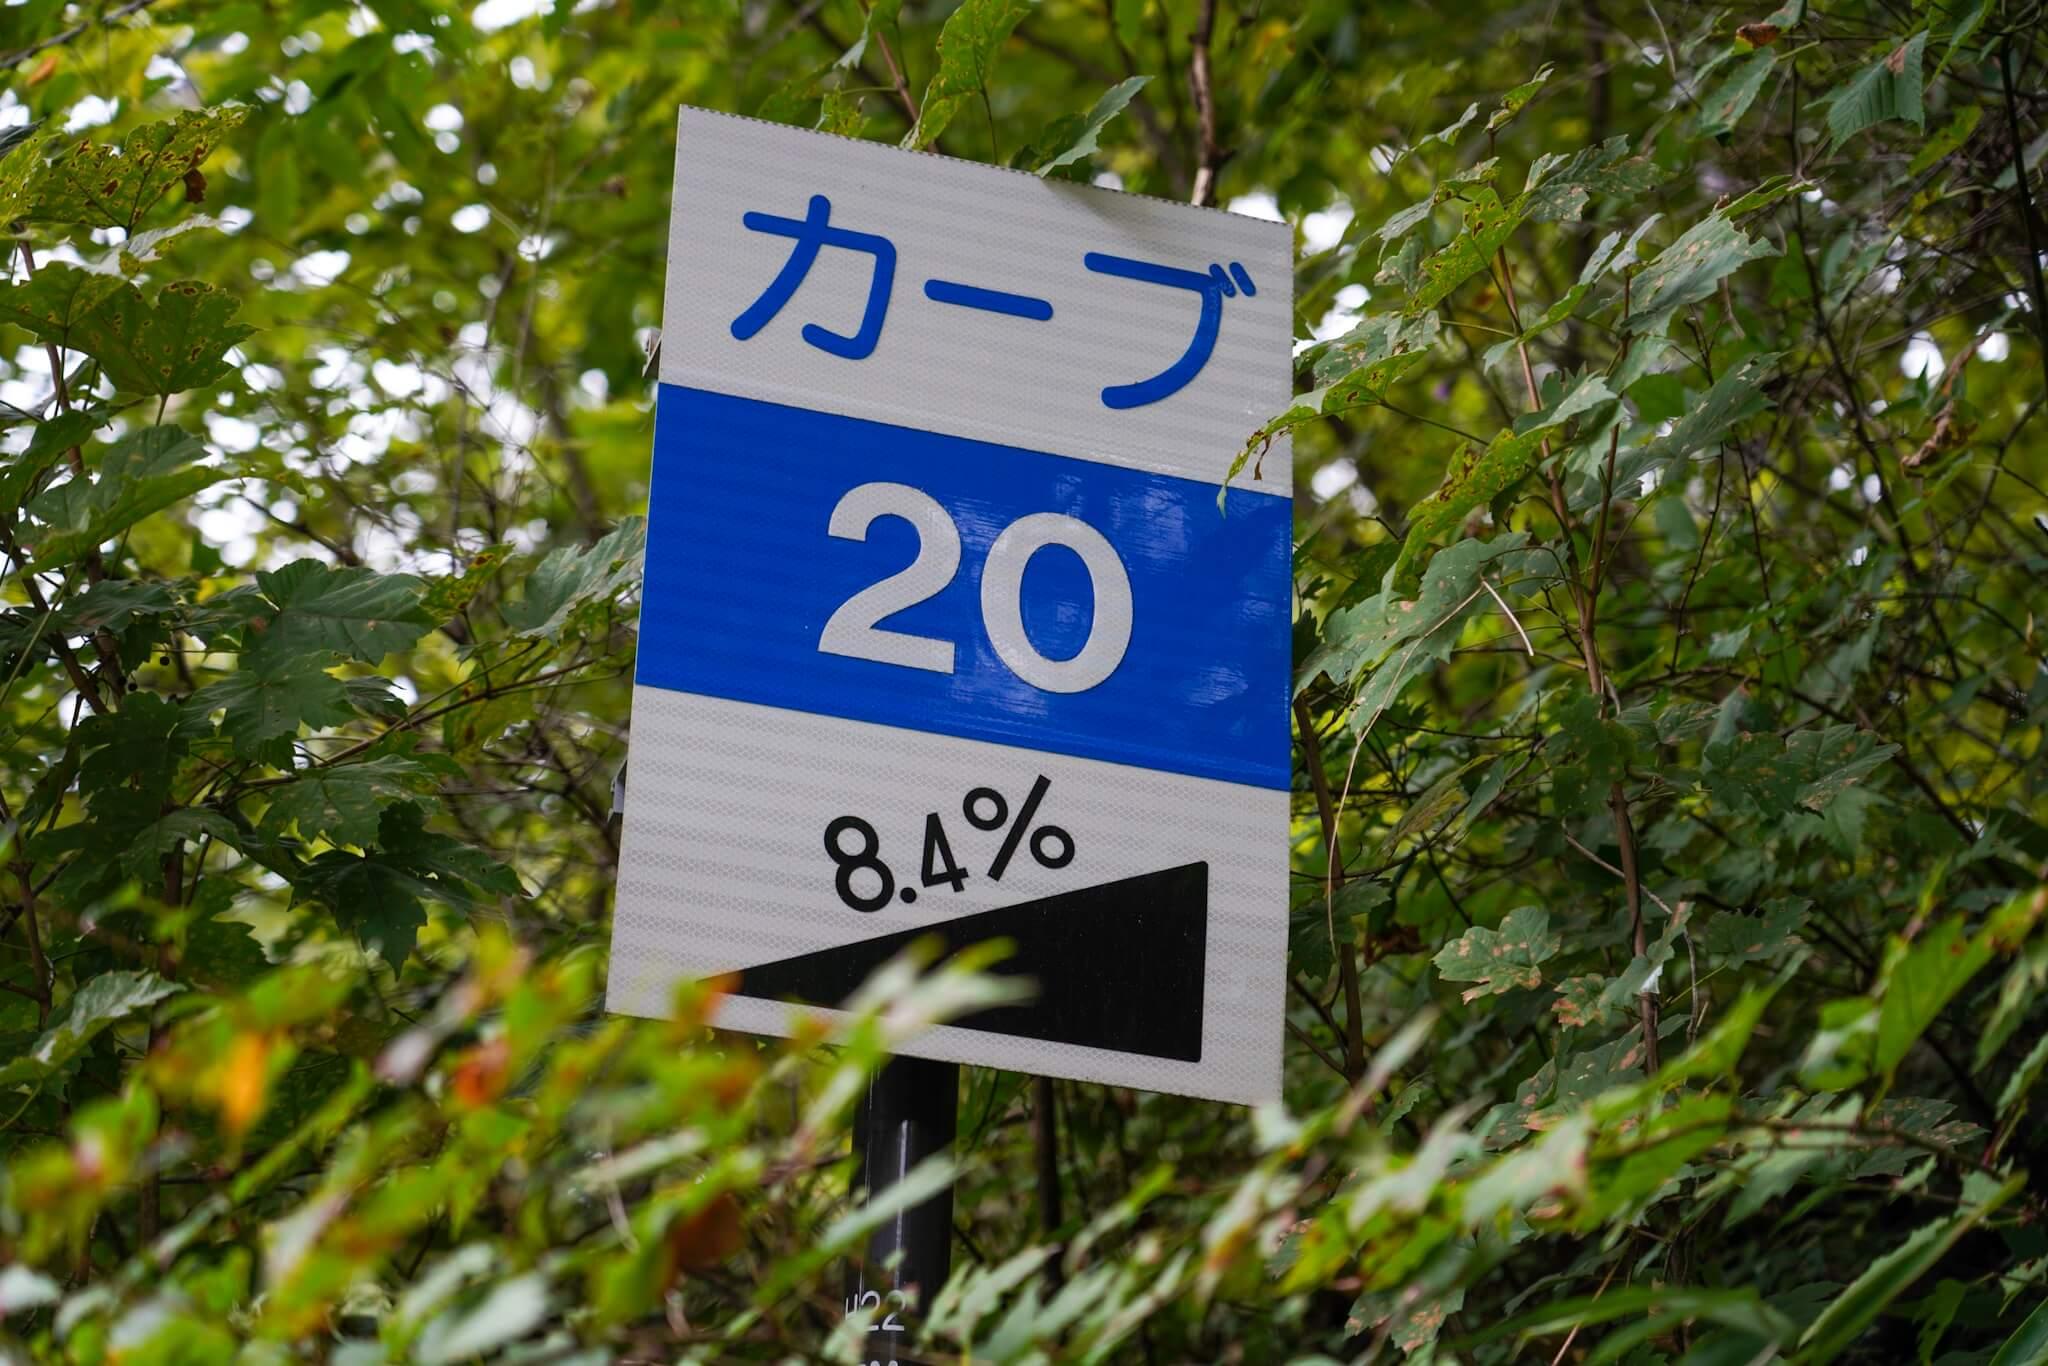 赤城山 峠 カーブNo.20